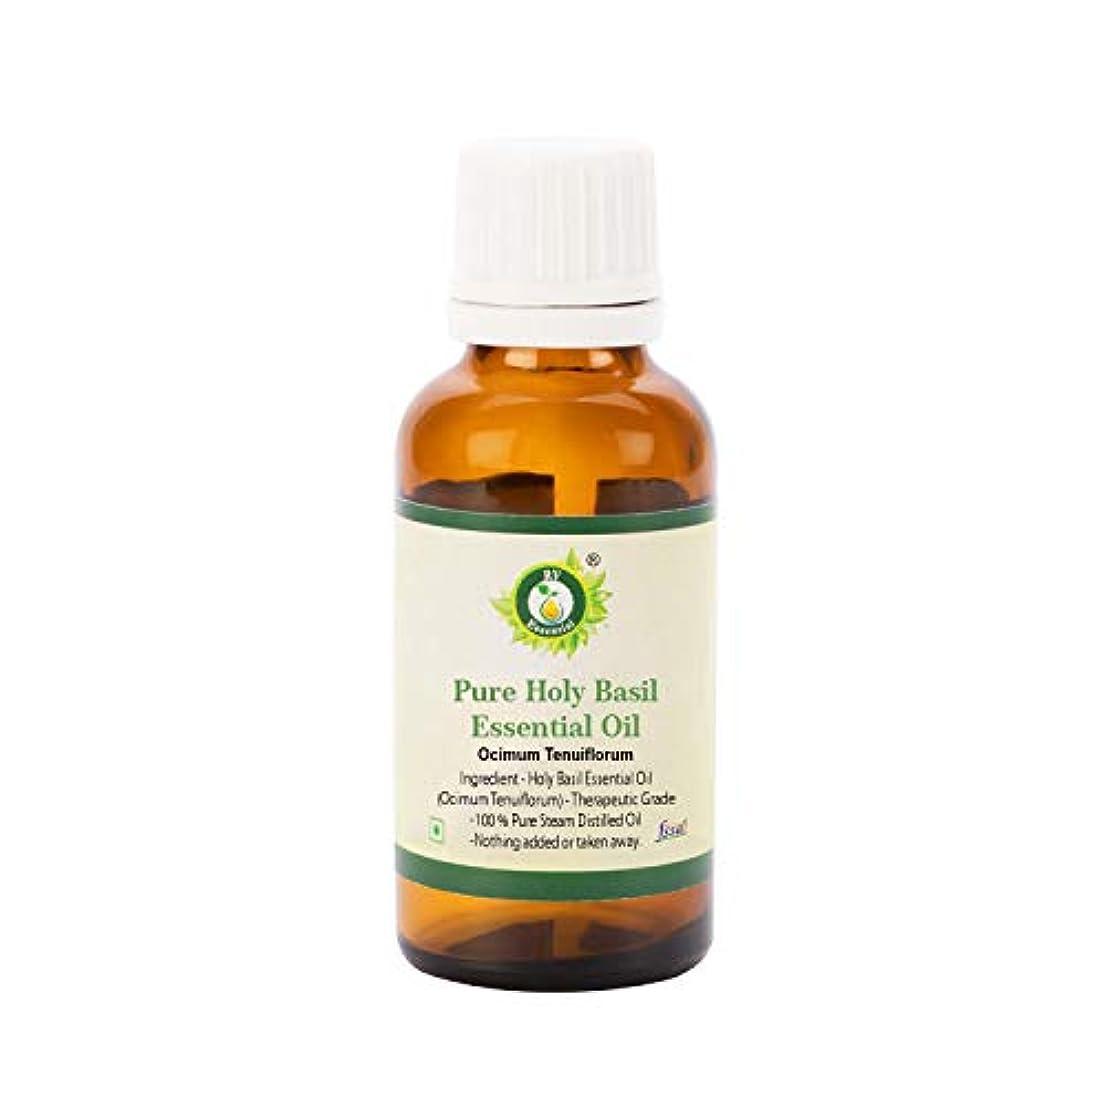 管理する偶然のマントルR V Essential ピュアホーリーバジルエッセンシャルオイル30ml (1.01oz)- Ocimum Tenuiflorum (100%純粋&天然スチームDistilled) Pure Holy Basil Essential...